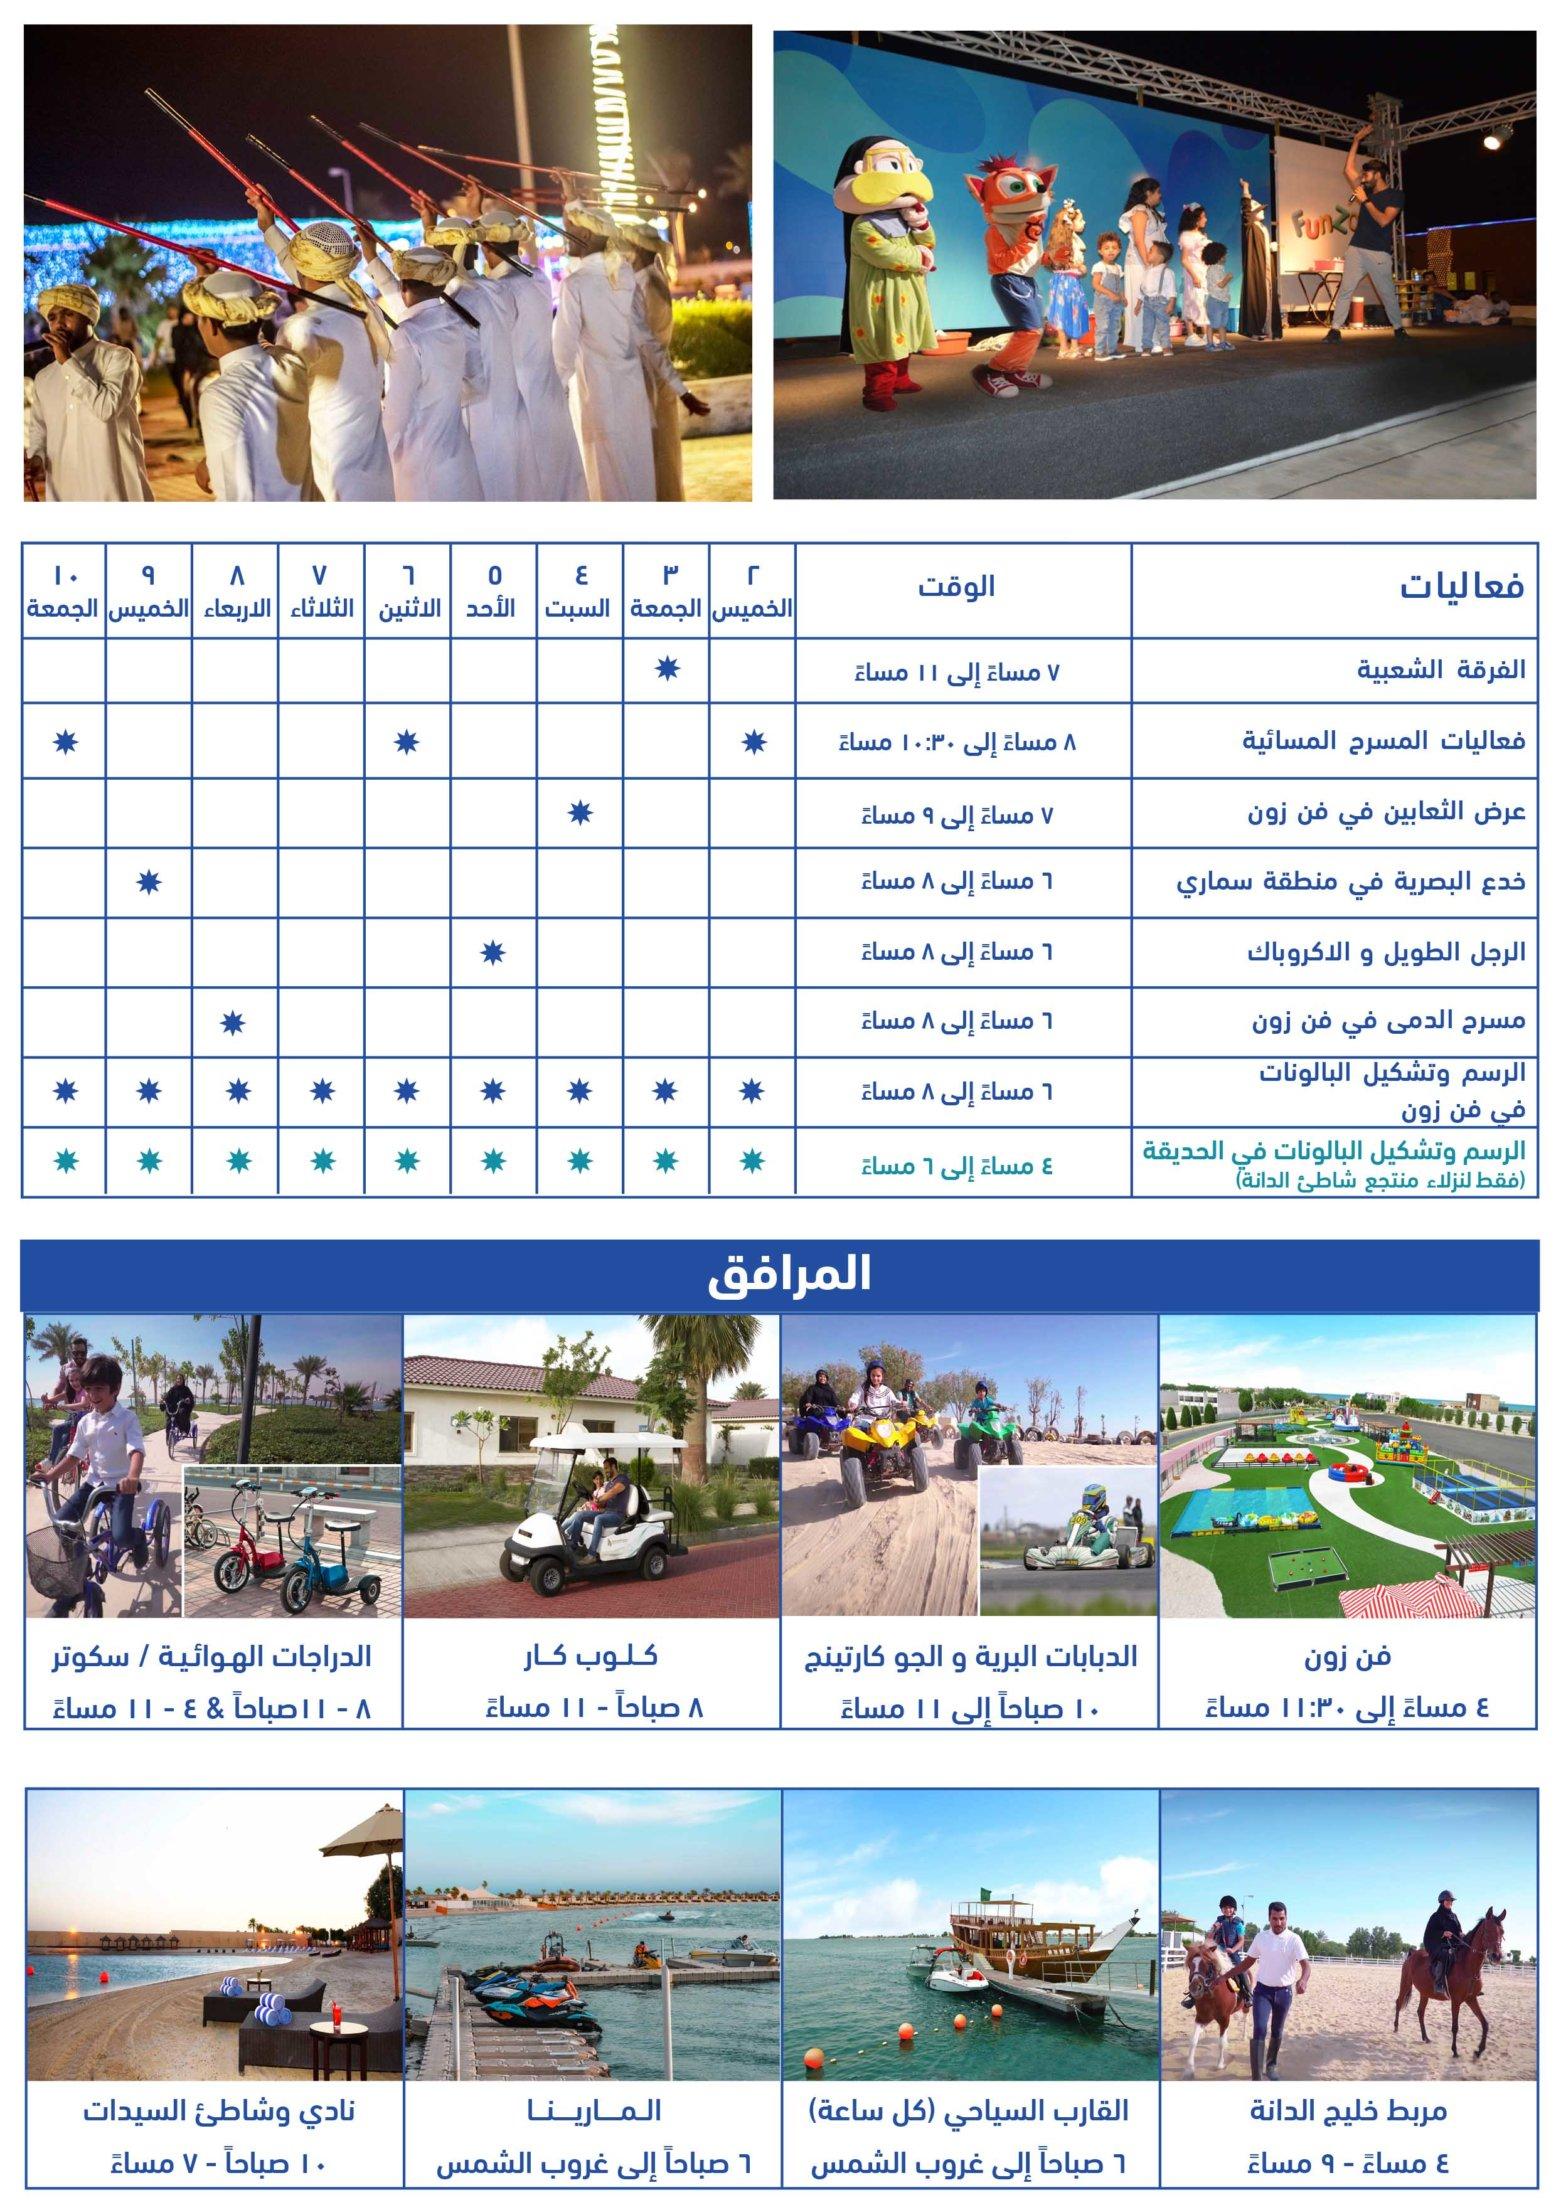 جدول فعاليات العطلة